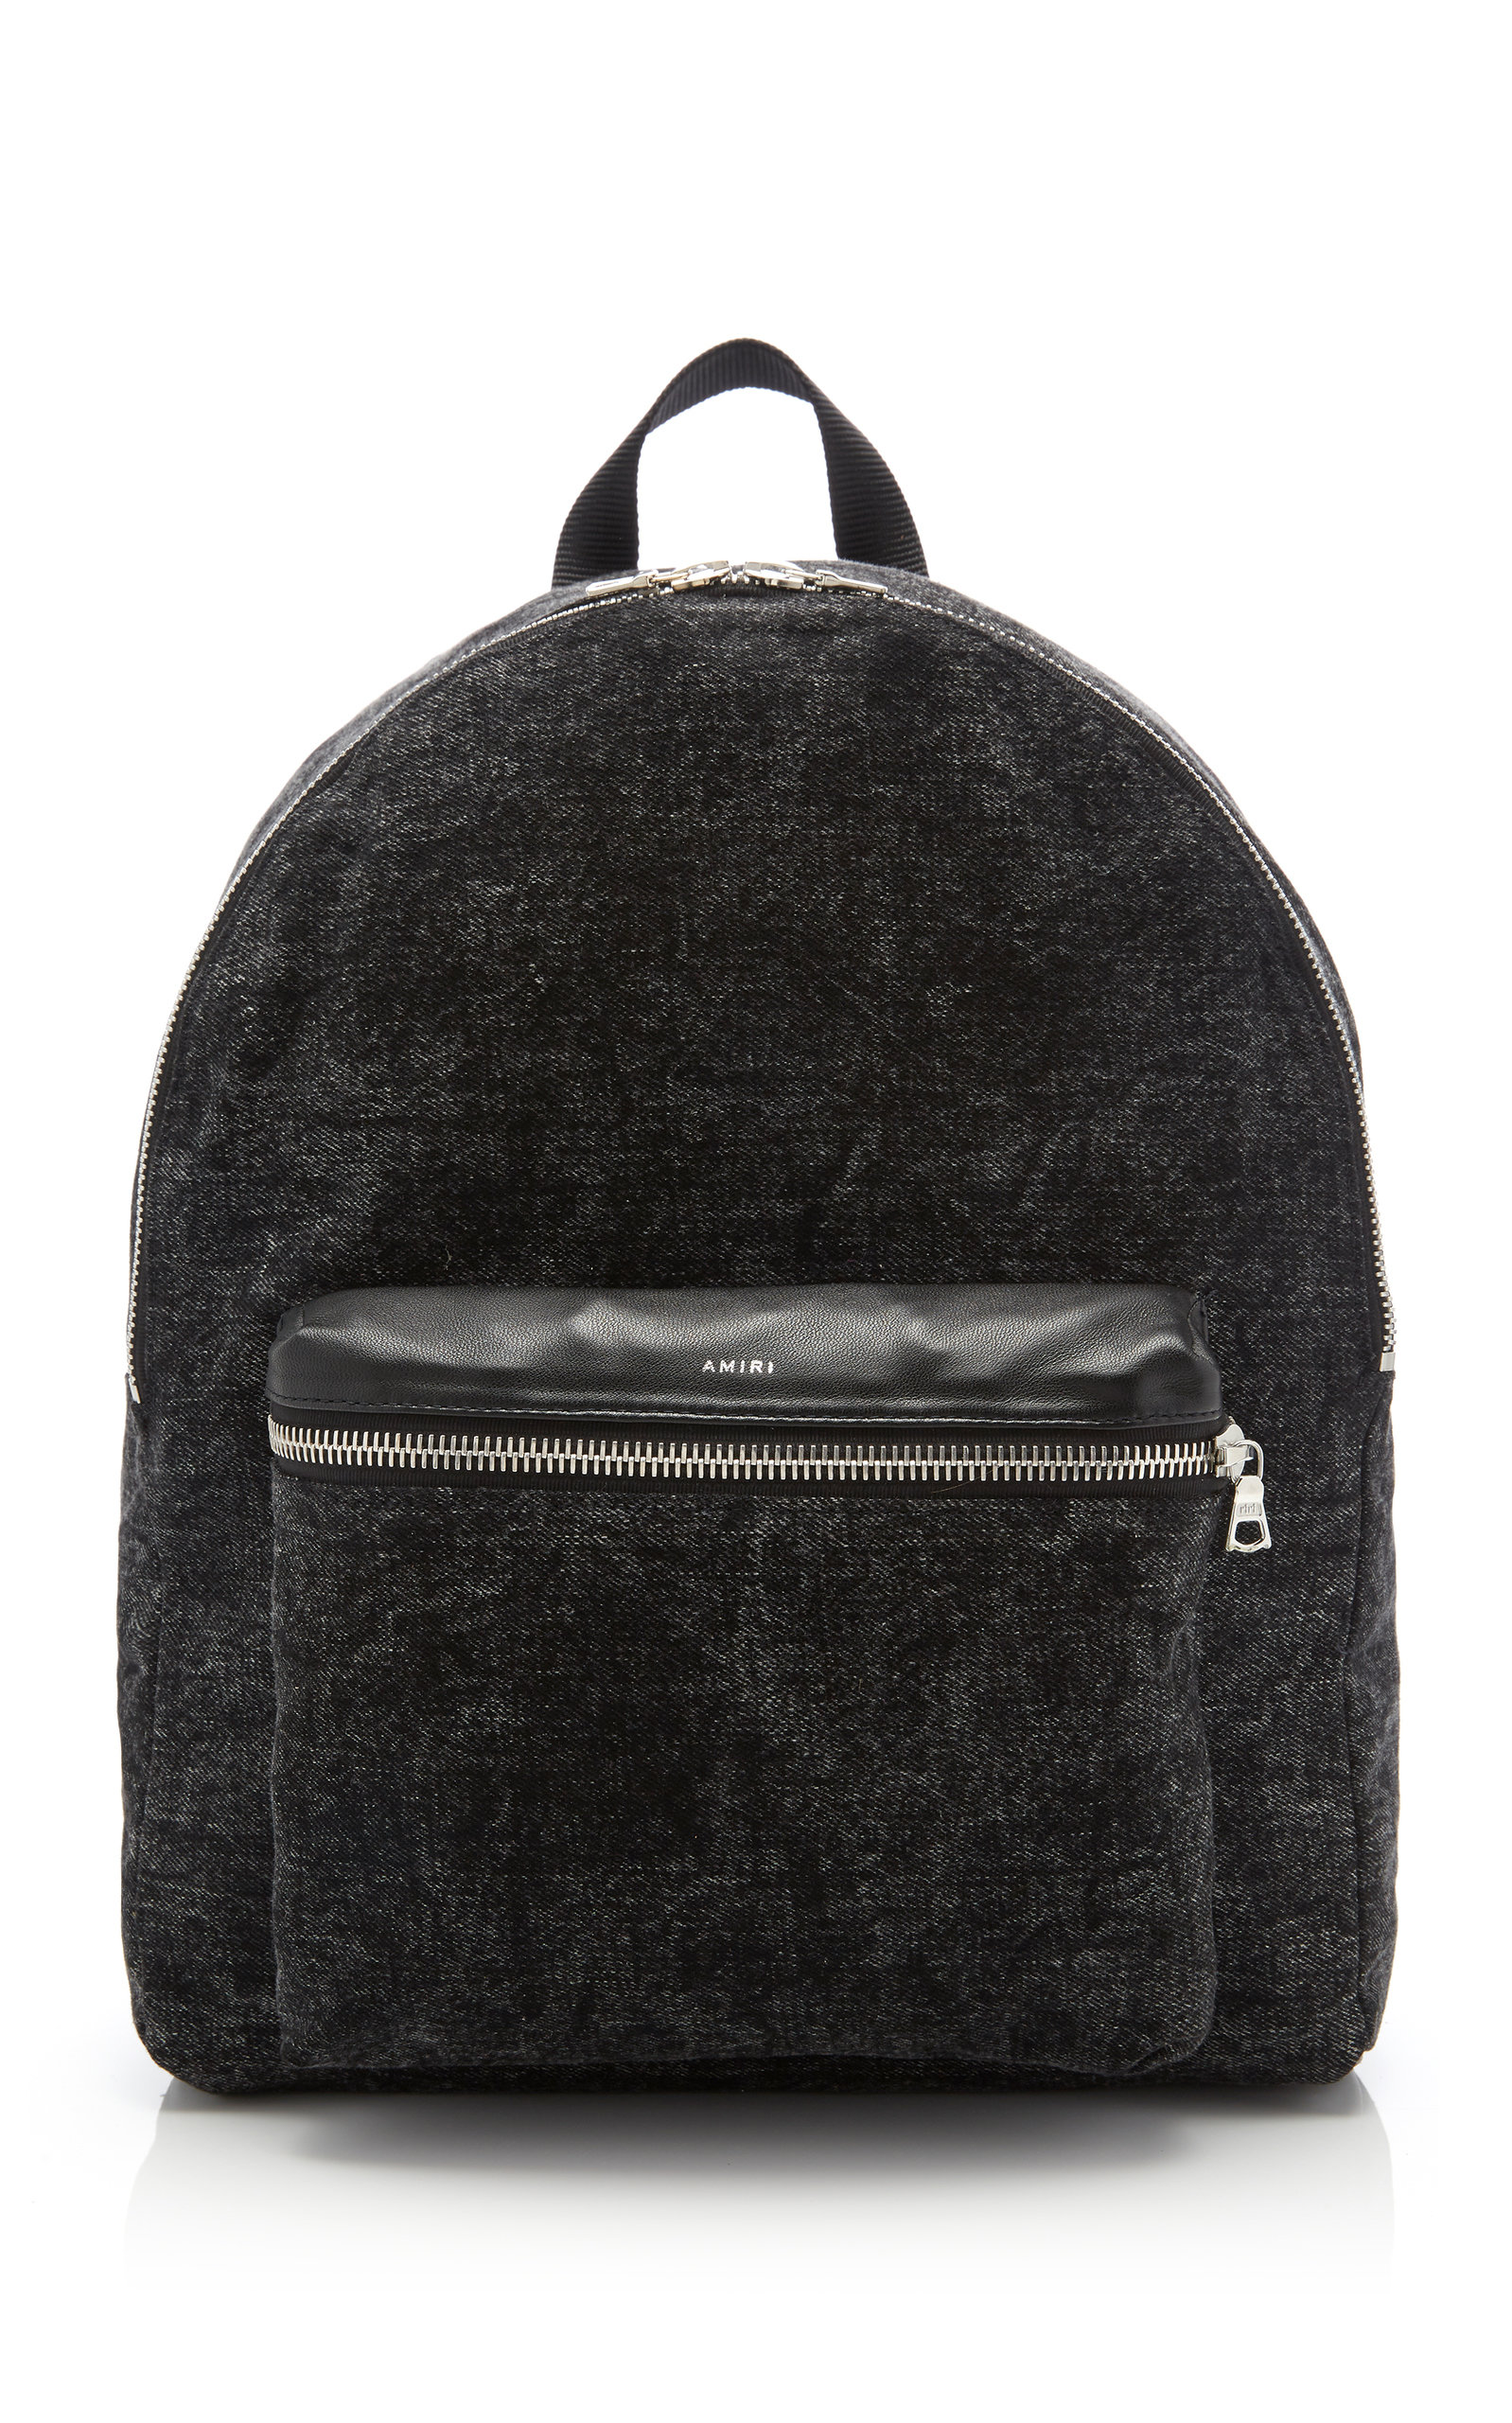 Amiri Backpacks DENIM BACKPACK